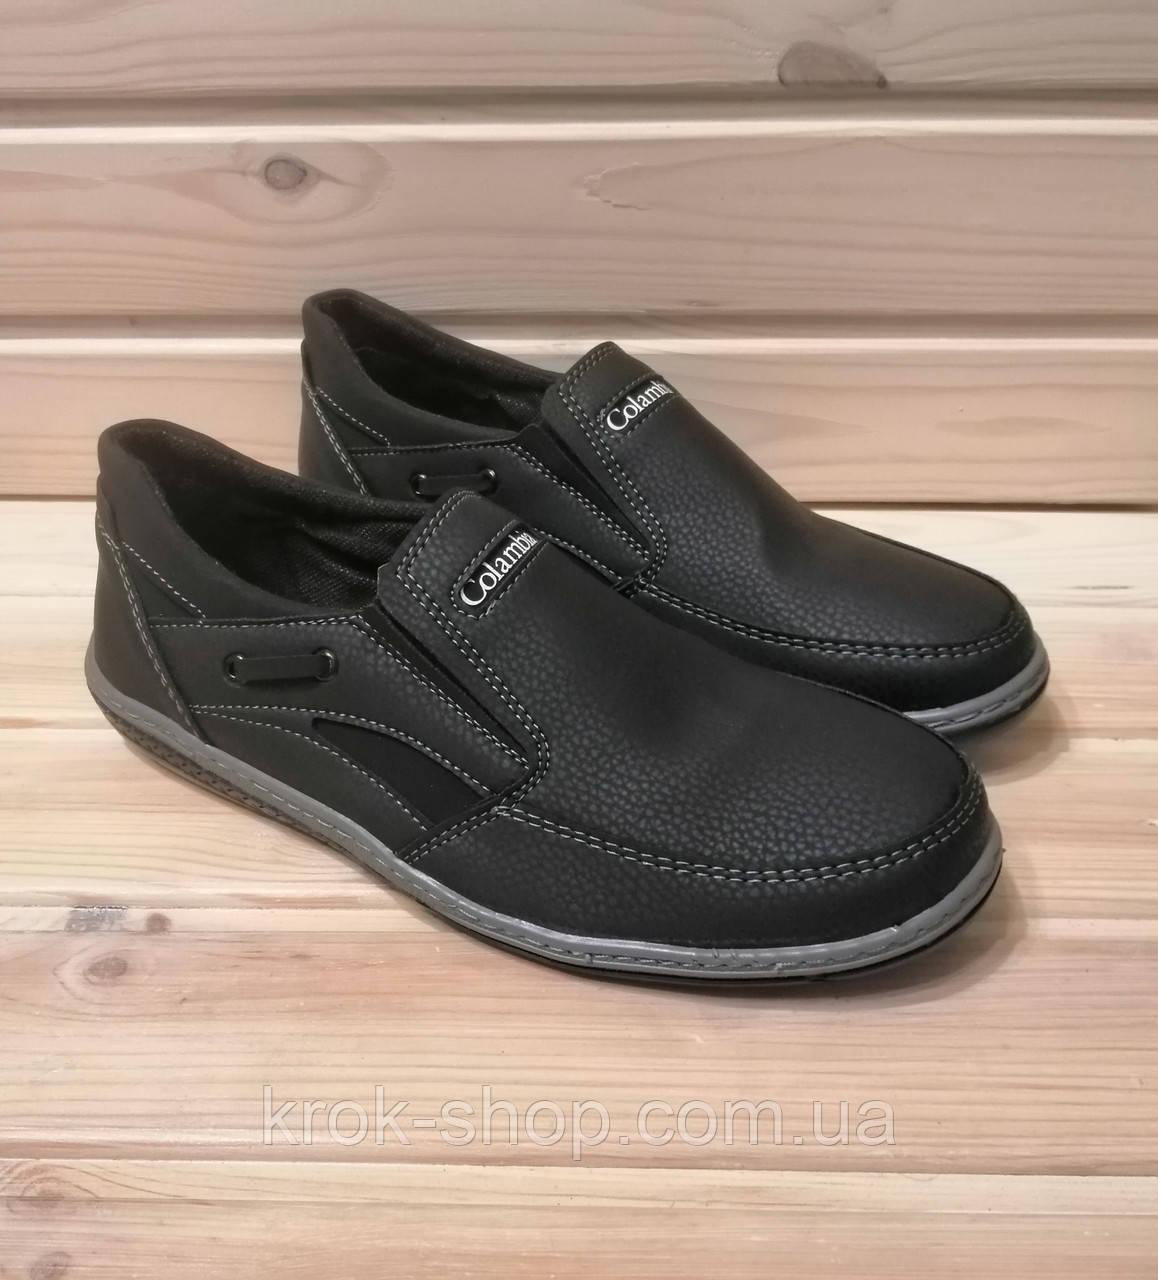 Туфли мужские оптом Роксол